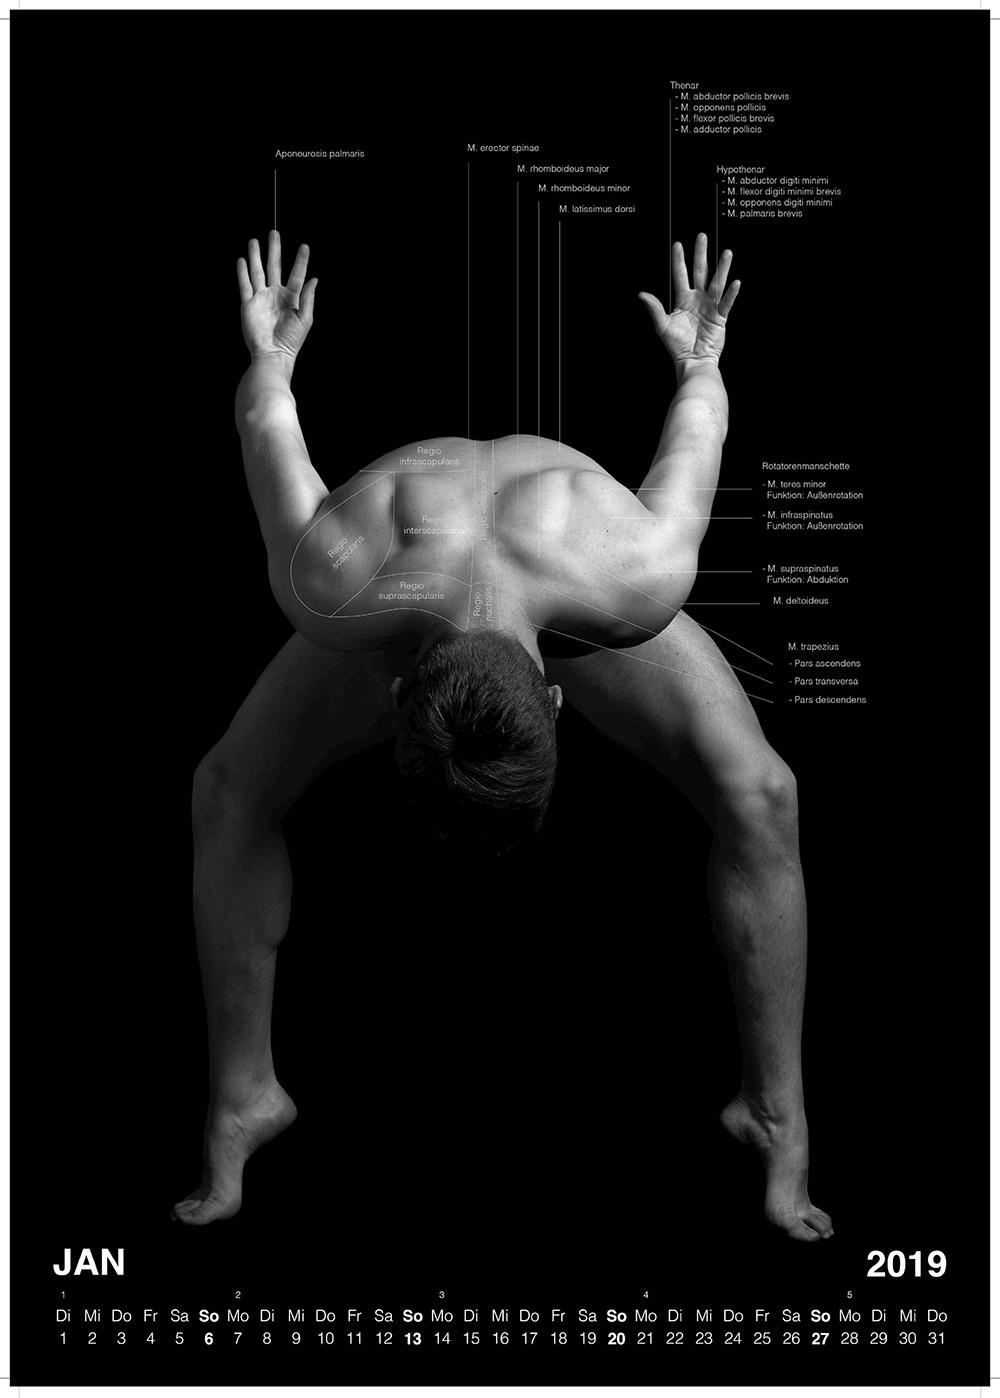 Lebende Anatomie 2019 Kalender Vorschau